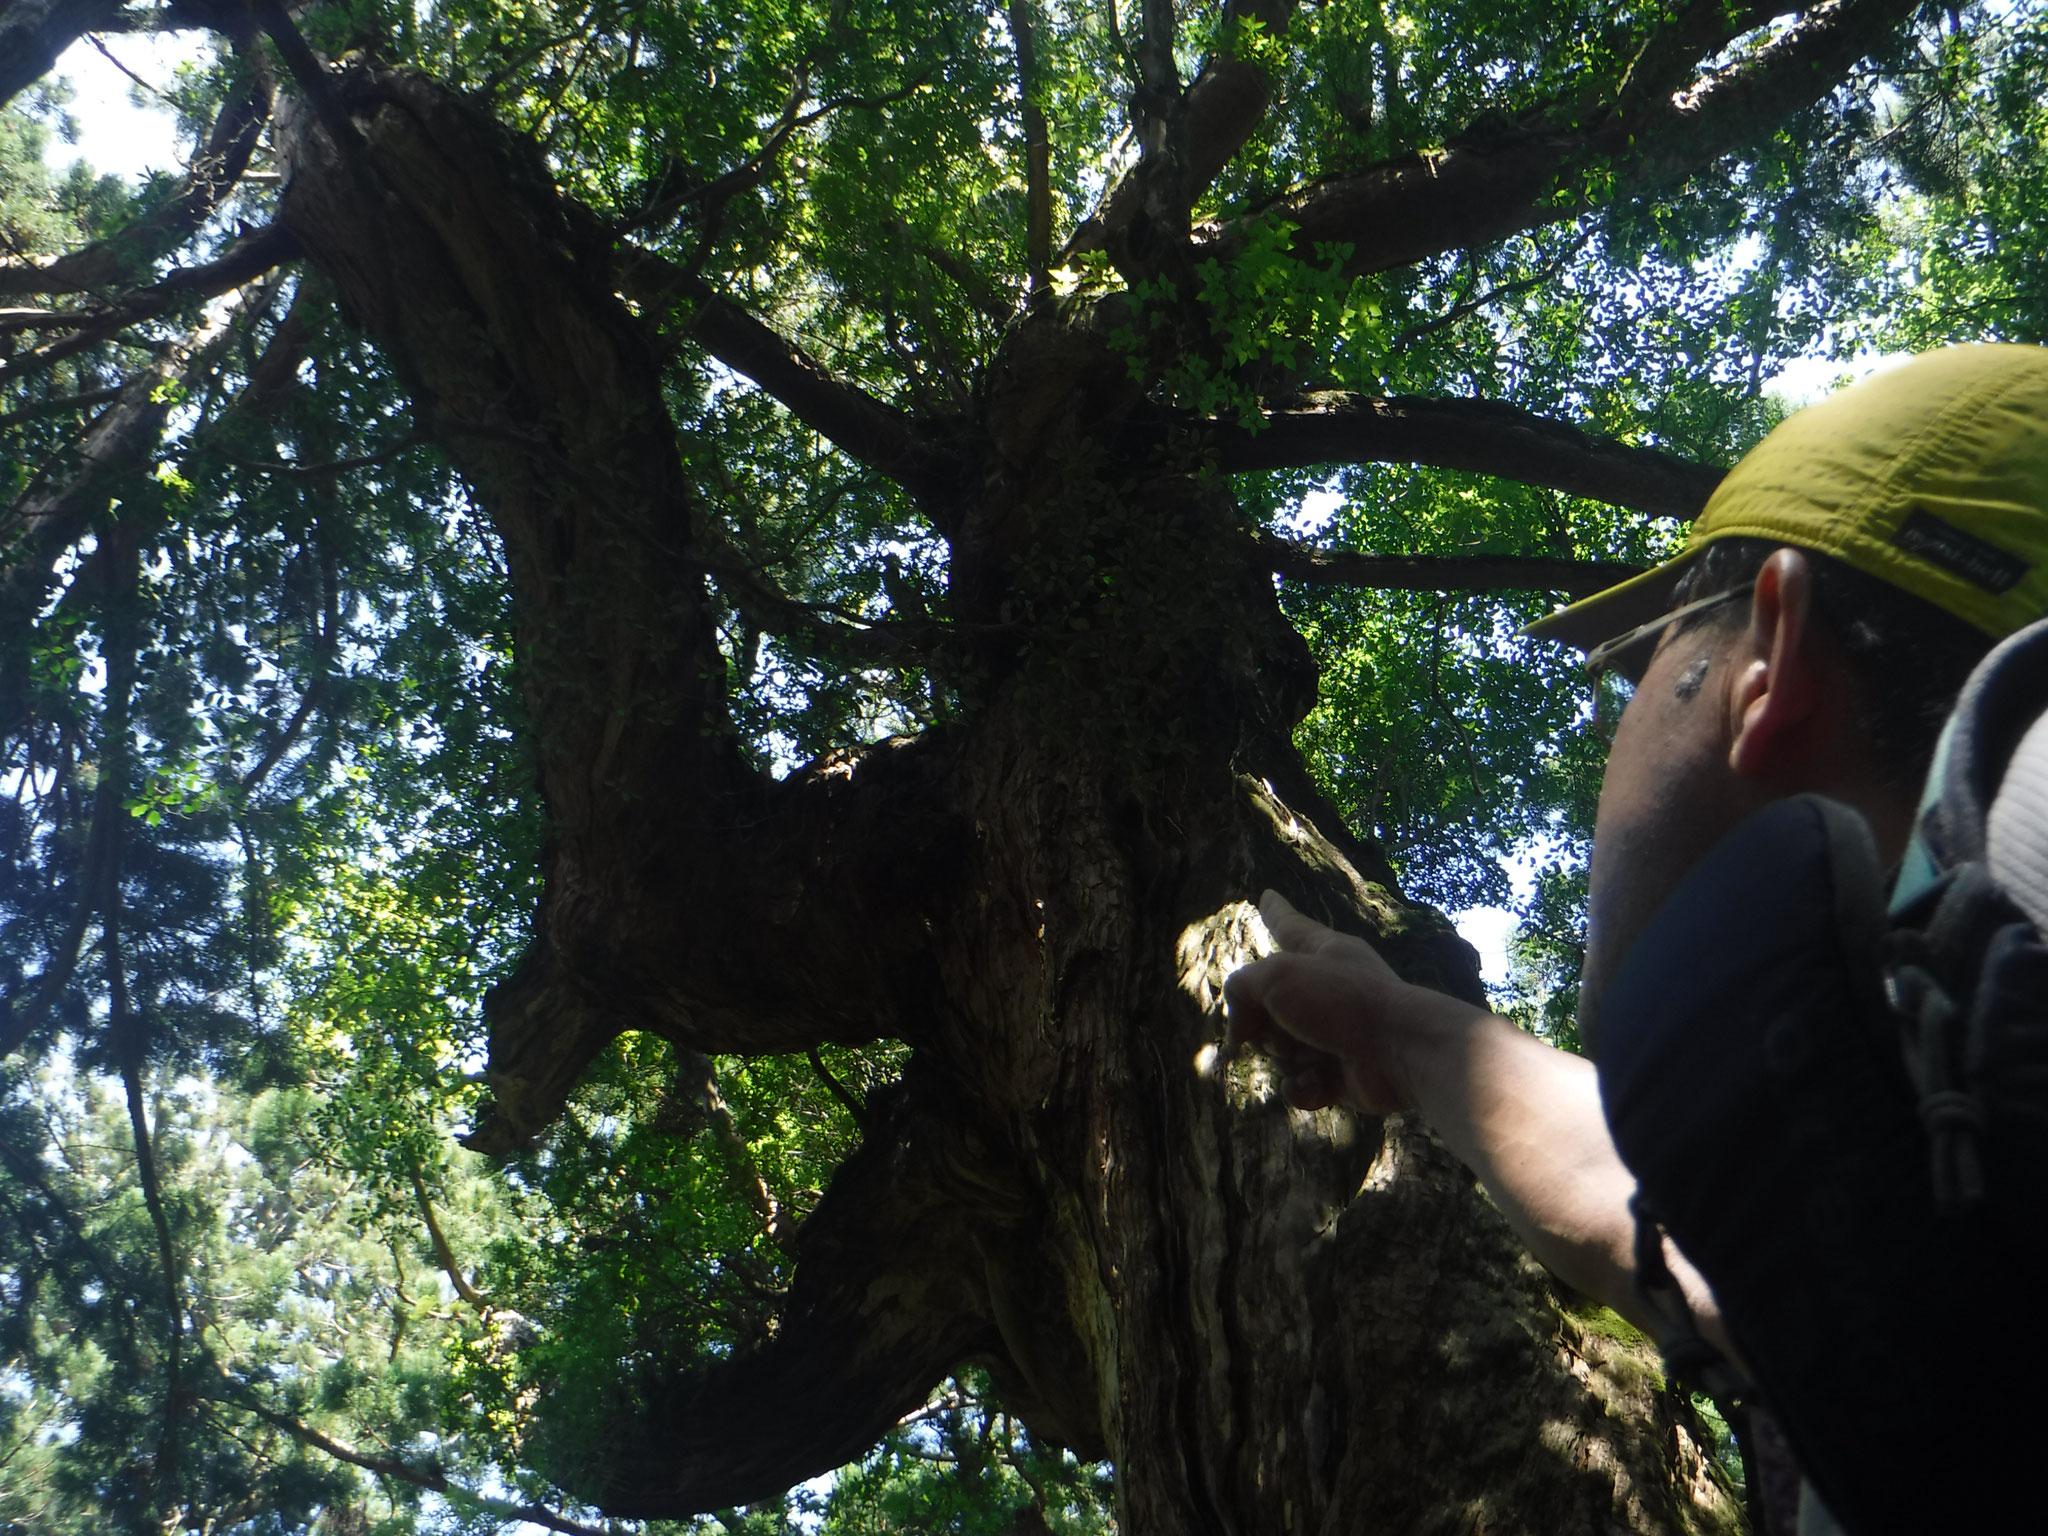 10:10 花山広場の異様に太い枝を持つ巨木